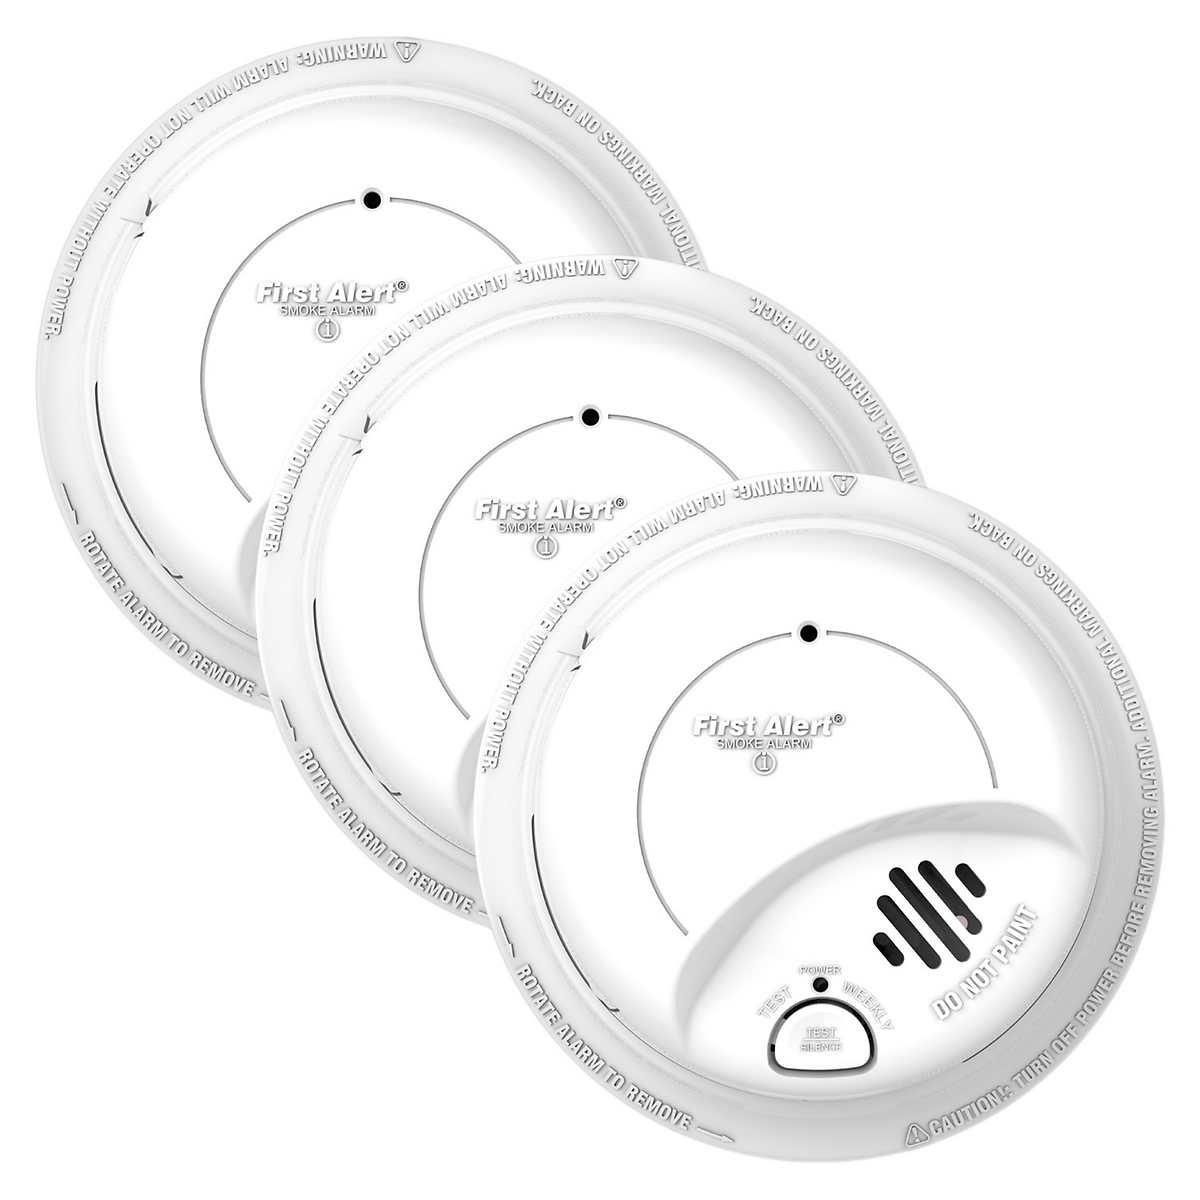 First Alert Hardwired Smoke Alarm, 6-pack